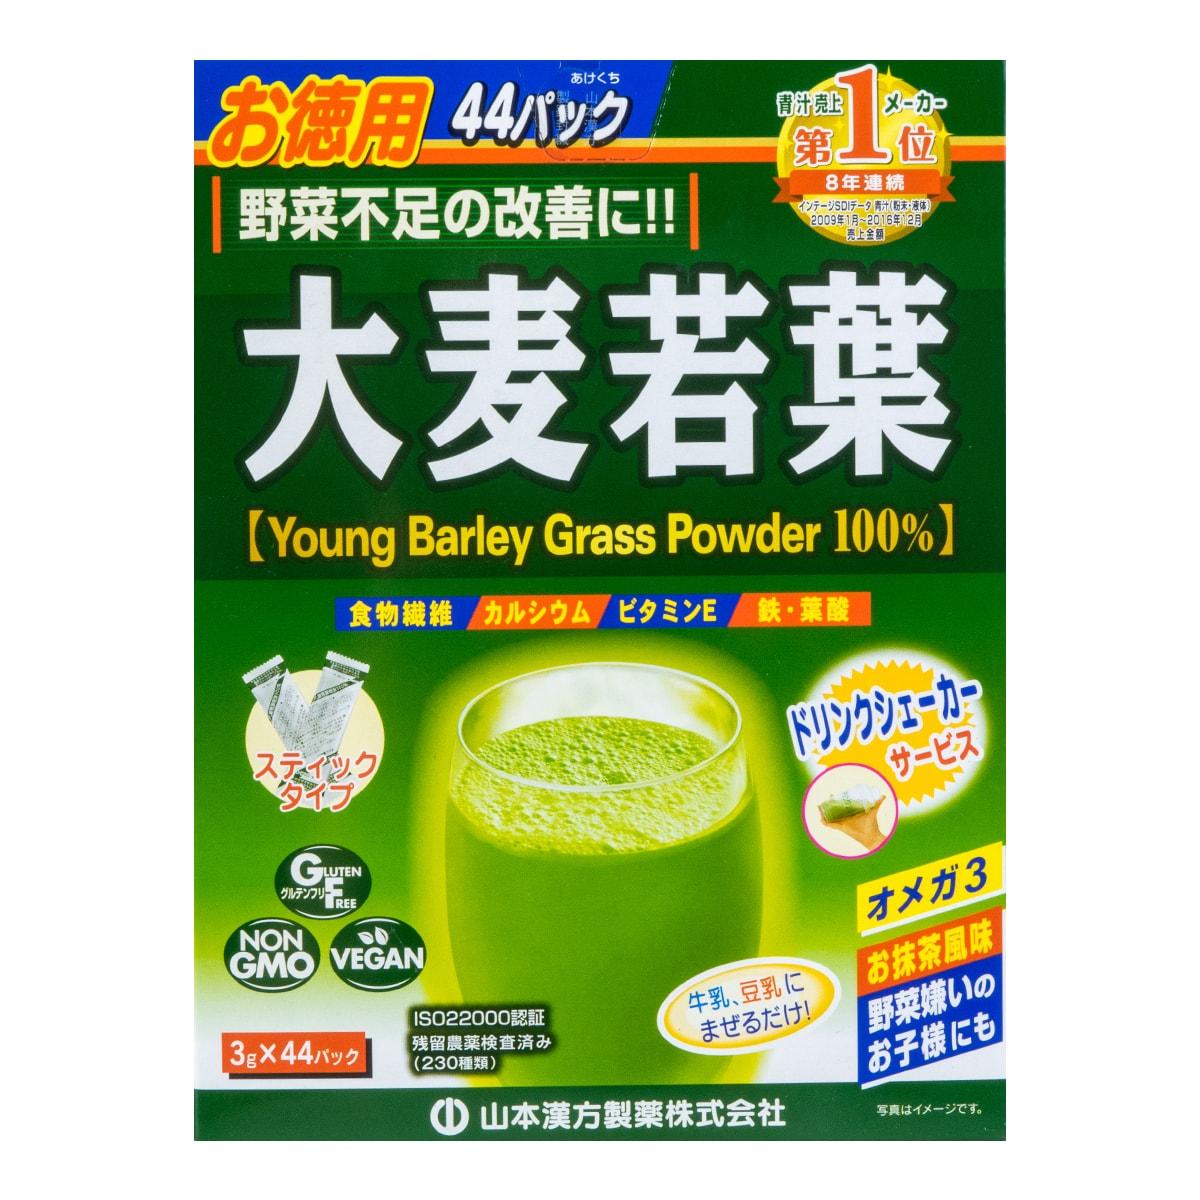 日本山本汉方 大麦若叶青汁粉末便携装 抹茶味 44包入 132g  (随机附赠摇摇杯一只)